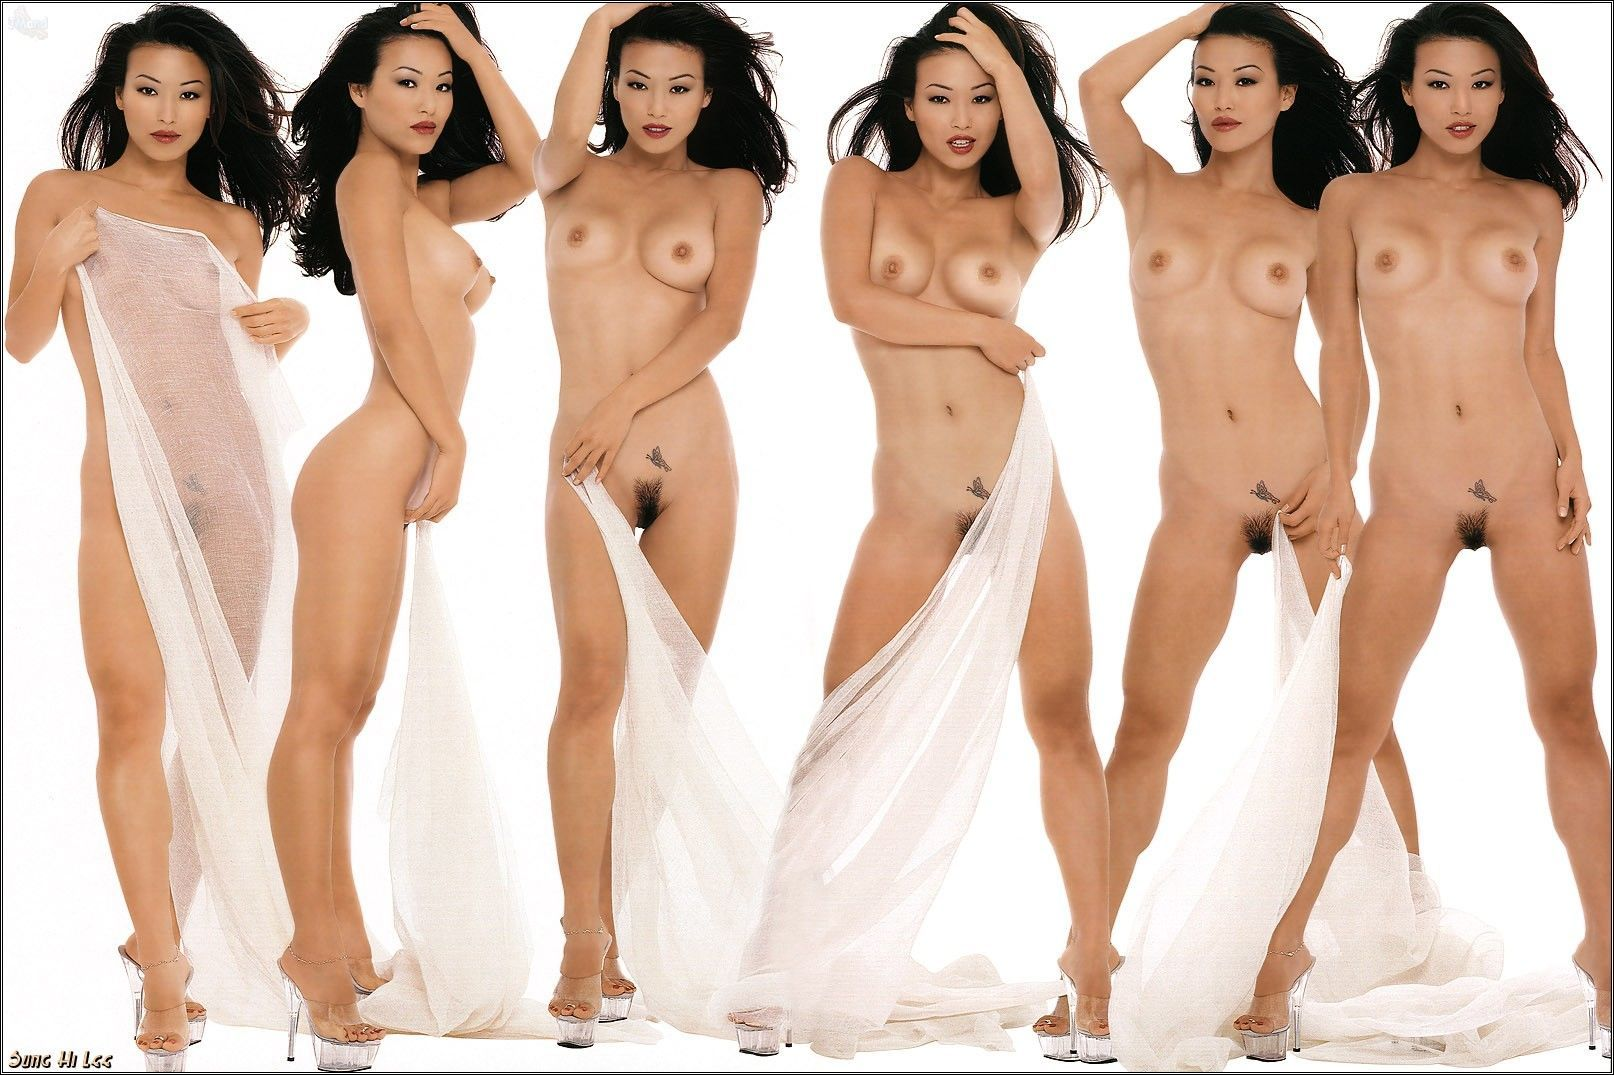 Rita ora nude photos naked sex pics